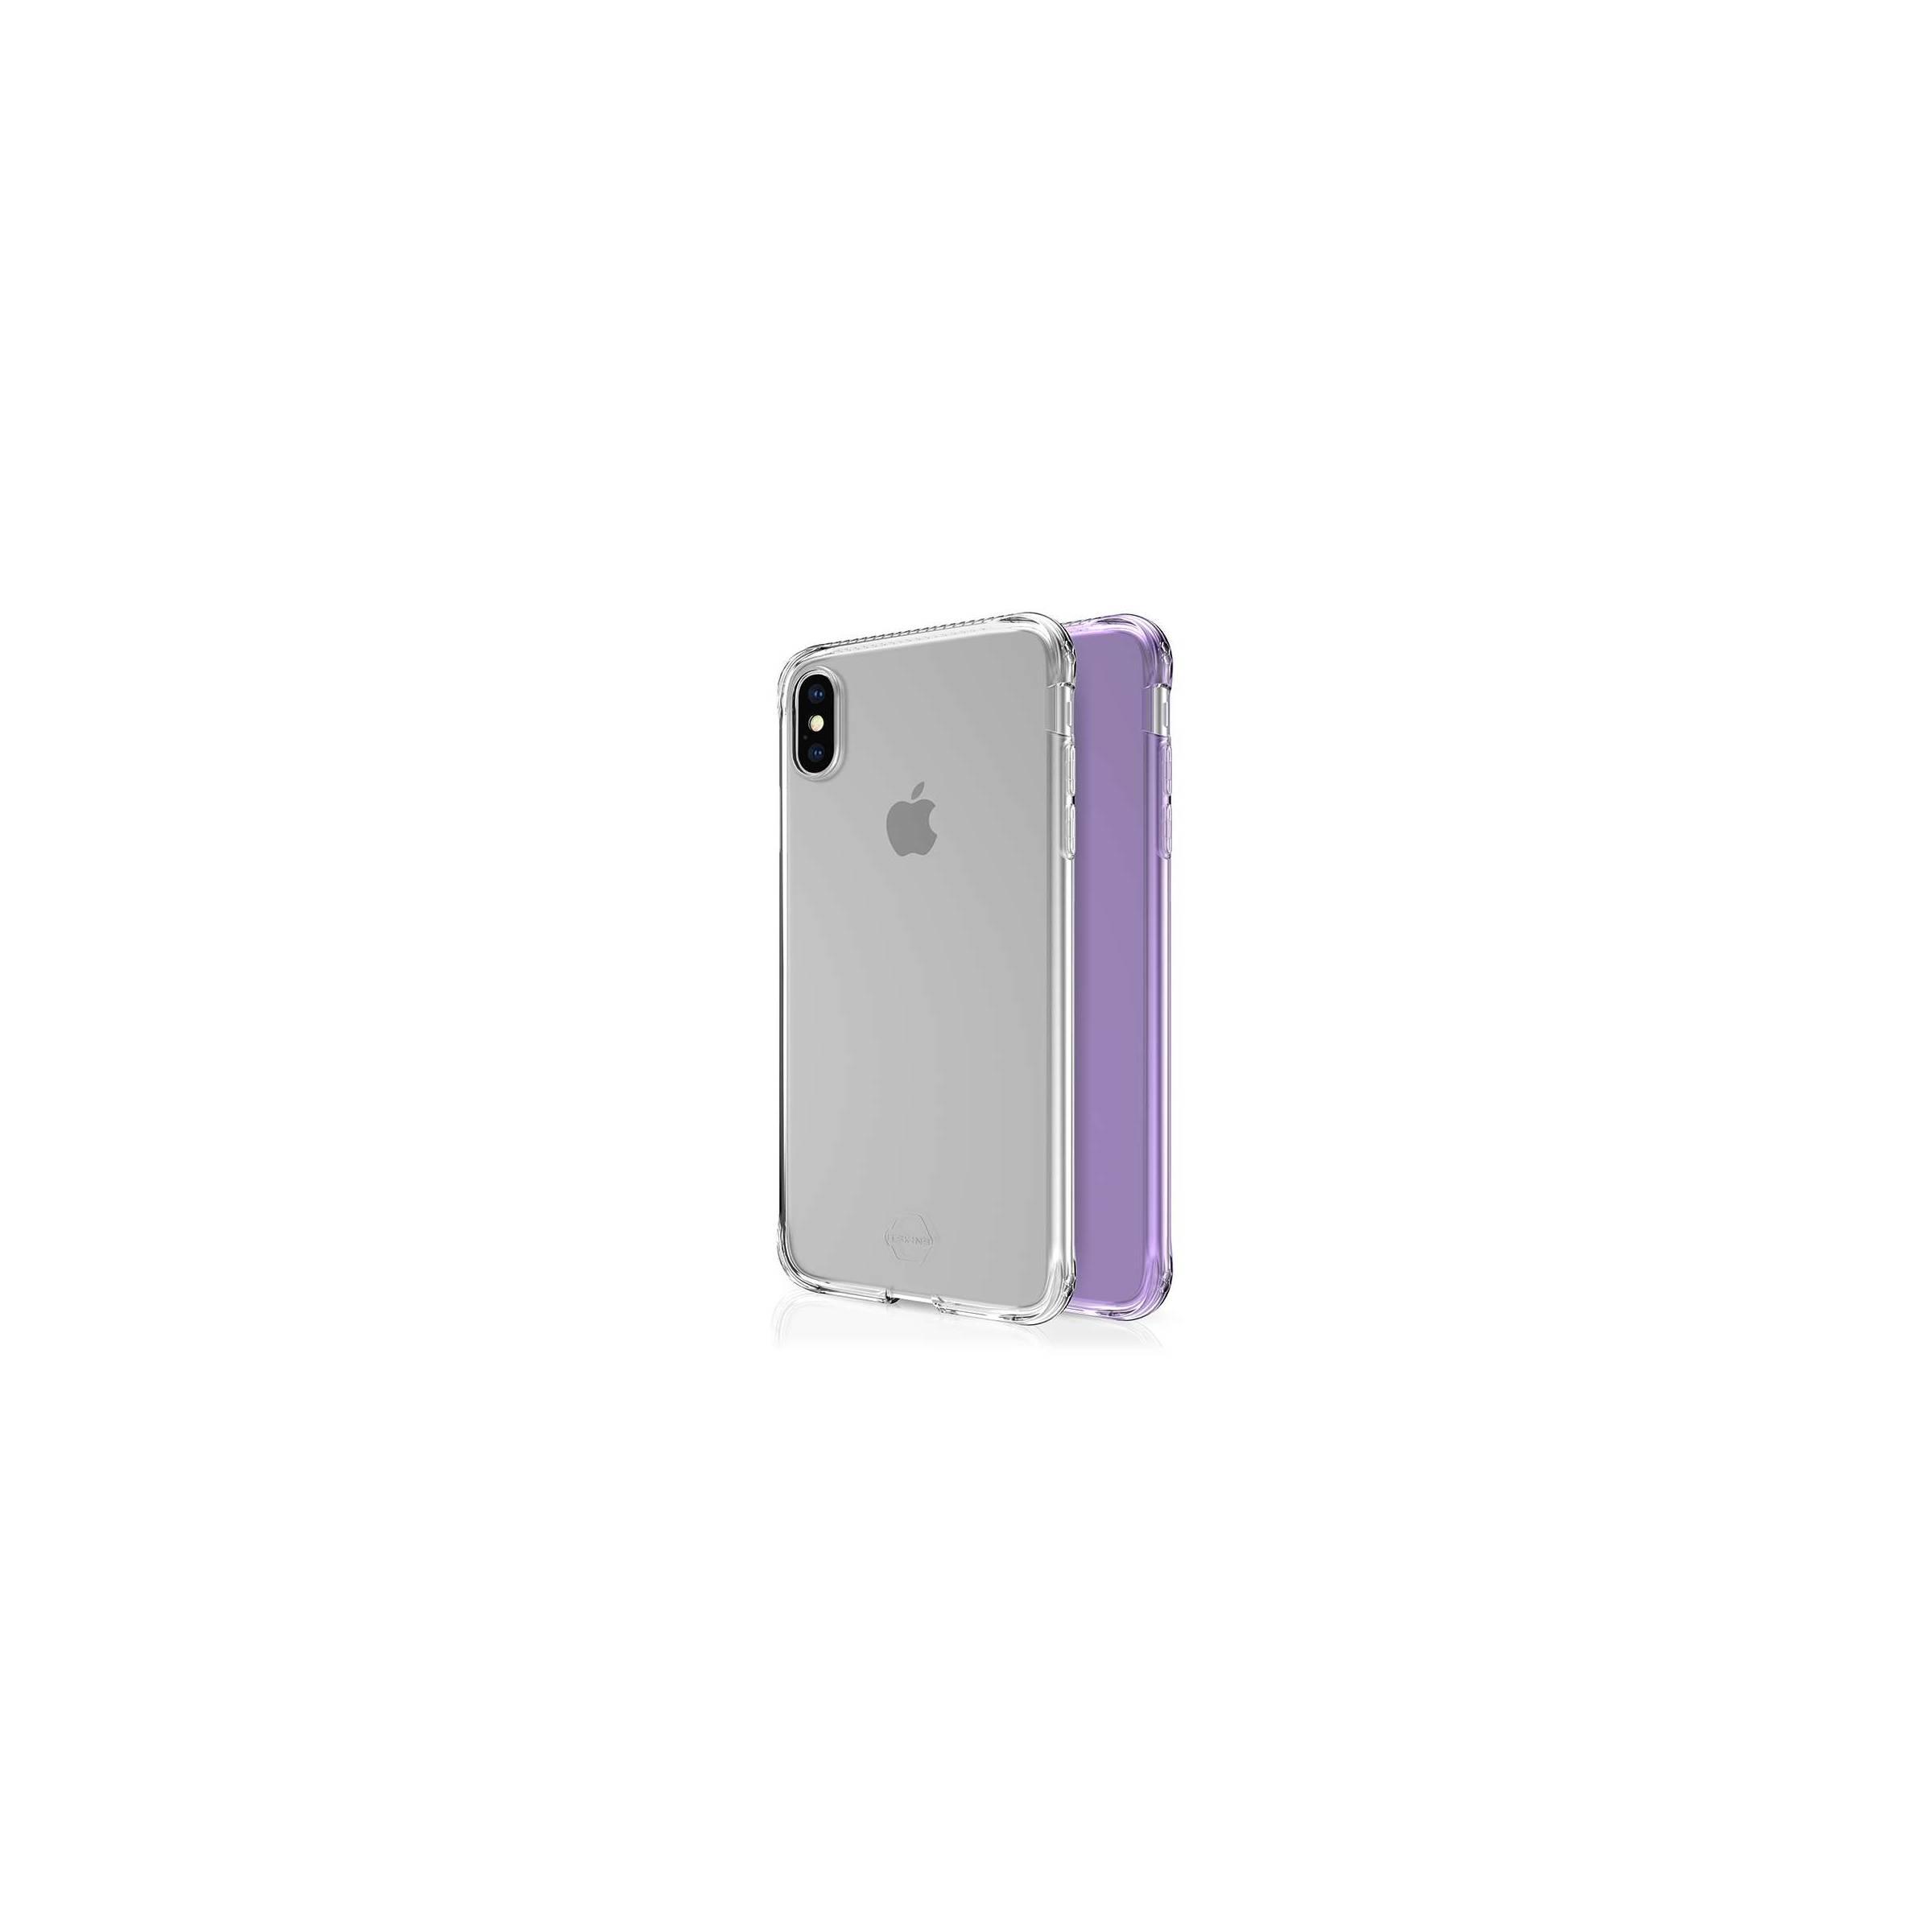 itskins Itskins slim silikone protect gel iphone xs max cover dobbelt 2x pakke farve klar & lyse lilla fra mackabler.dk